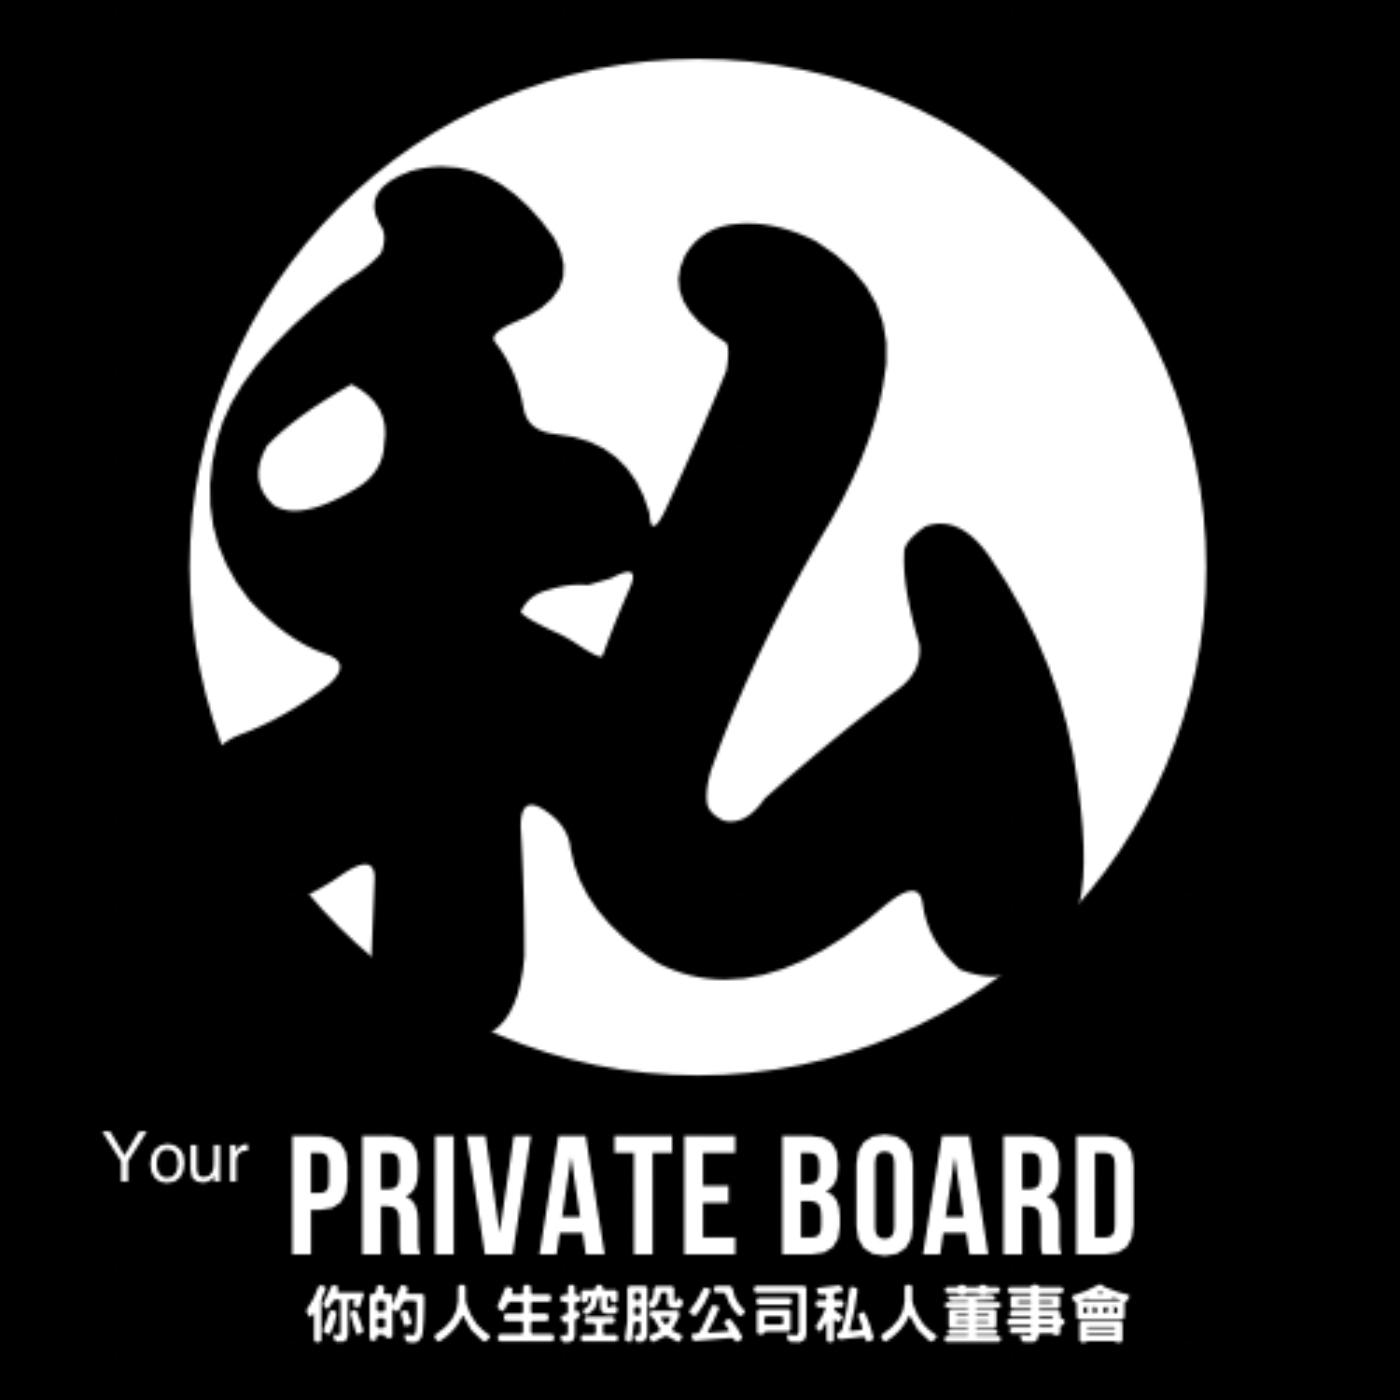 人生控股公司の私人董事會